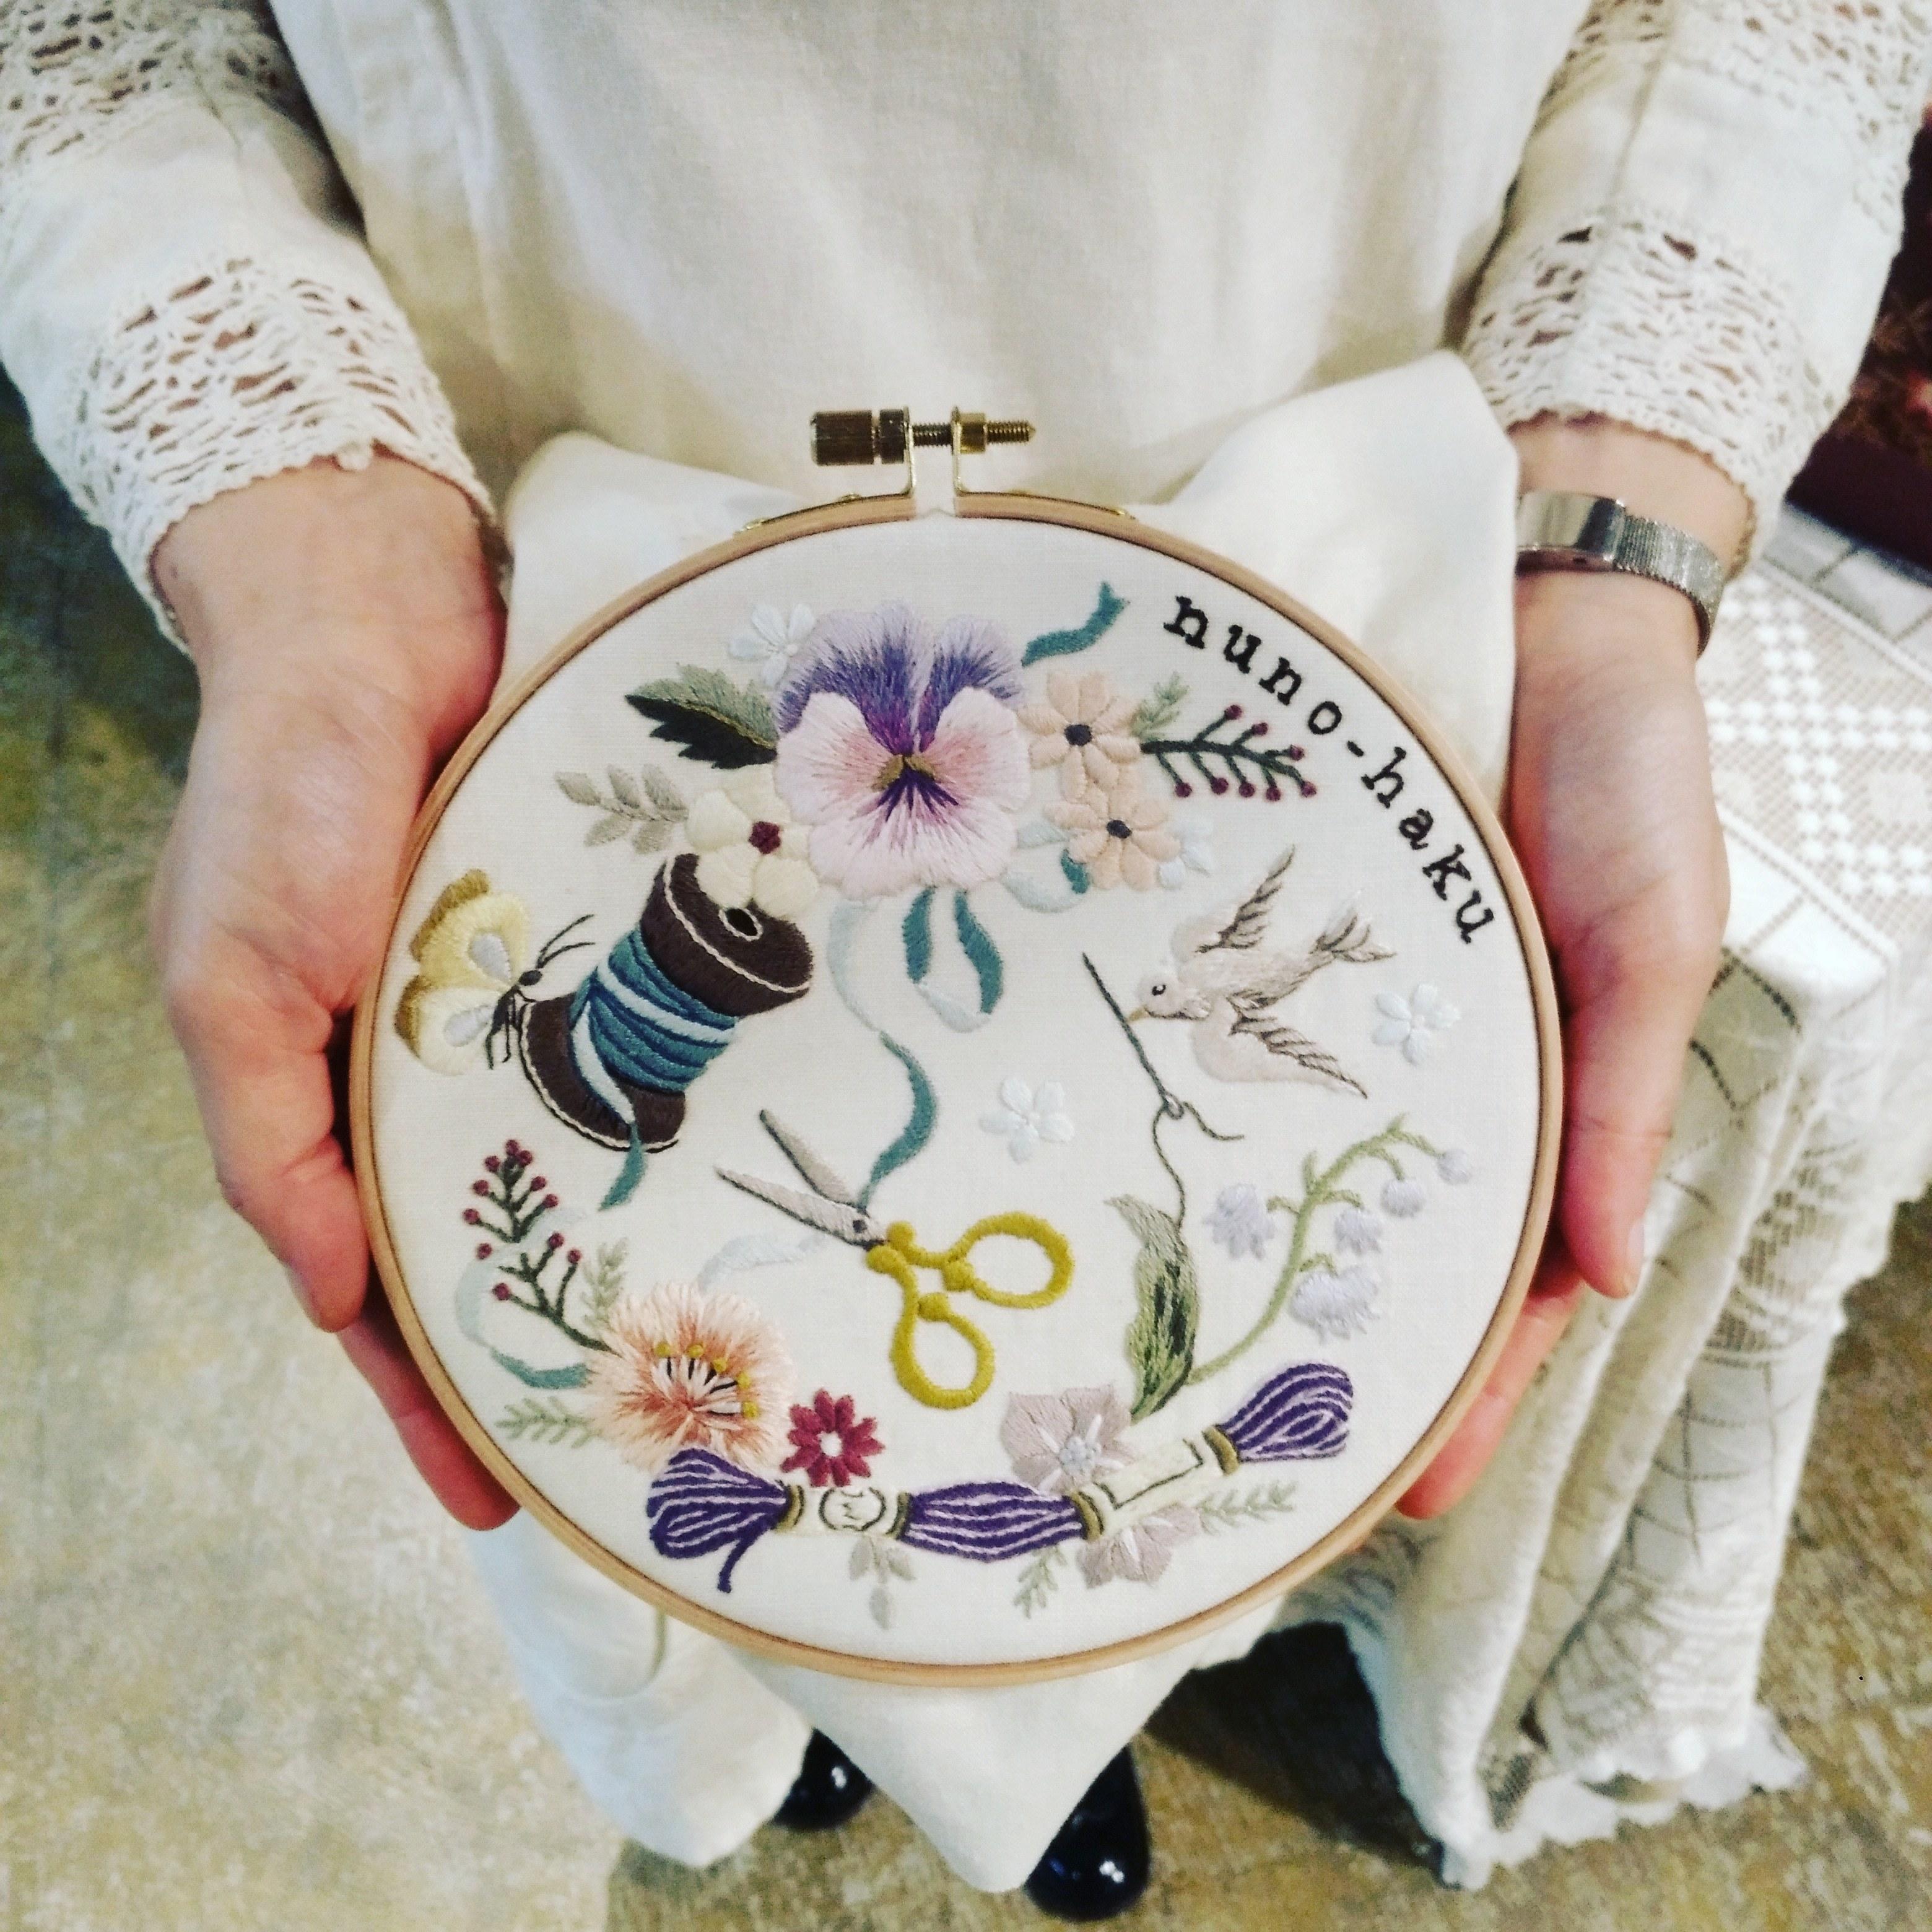 めくるめく刺繍の世界 in 布博_1_1